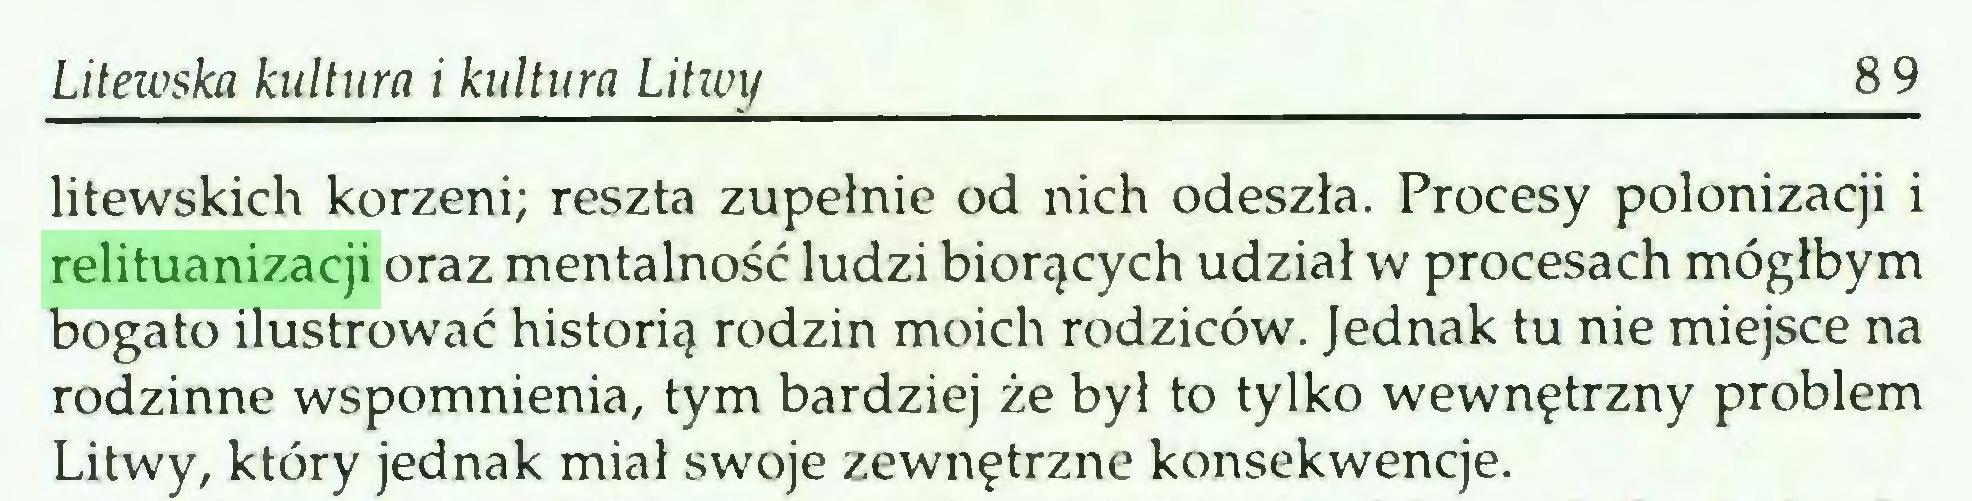 (...) Litewska kultura i kultura Litwy 89 litewskich korzeni; reszta zupełnie od nich odeszła. Procesy polonizacji i relituanizacji oraz mentalność ludzi biorących udział w procesach mógłbym bogato ilustrować historią rodzin moich rodziców. Jednak tu nie miejsce na rodzinne wspomnienia, tym bardziej że był to tylko wewnętrzny problem Litwy, który jednak miał swoje zewnętrzne konsekwencje...